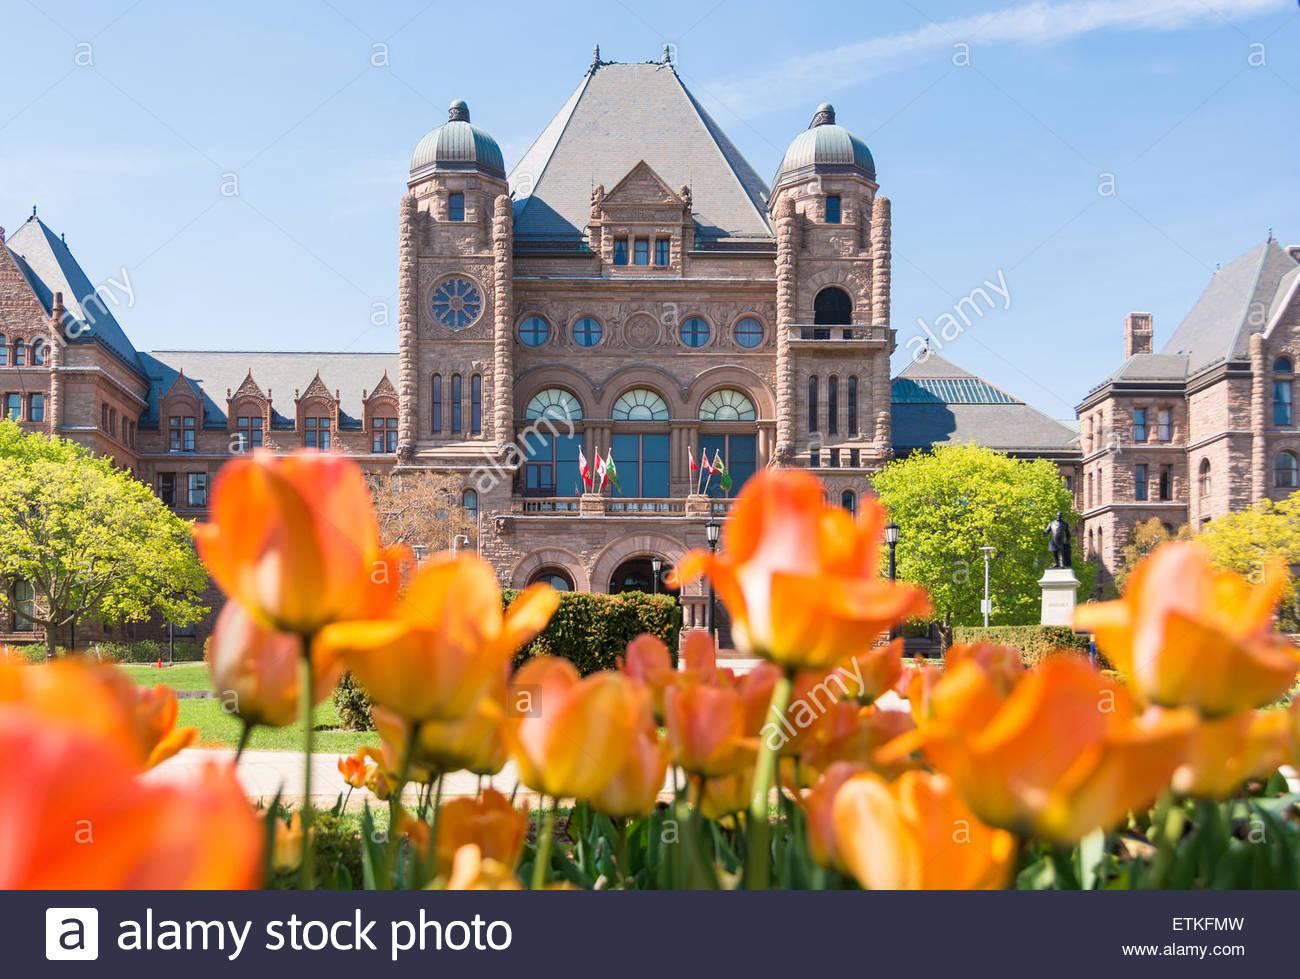 Queens Park Gebäude und Tulpe Gärten, das Wahrzeichen ist der Sitz der Provinzregierung von Ontario. Stockbild